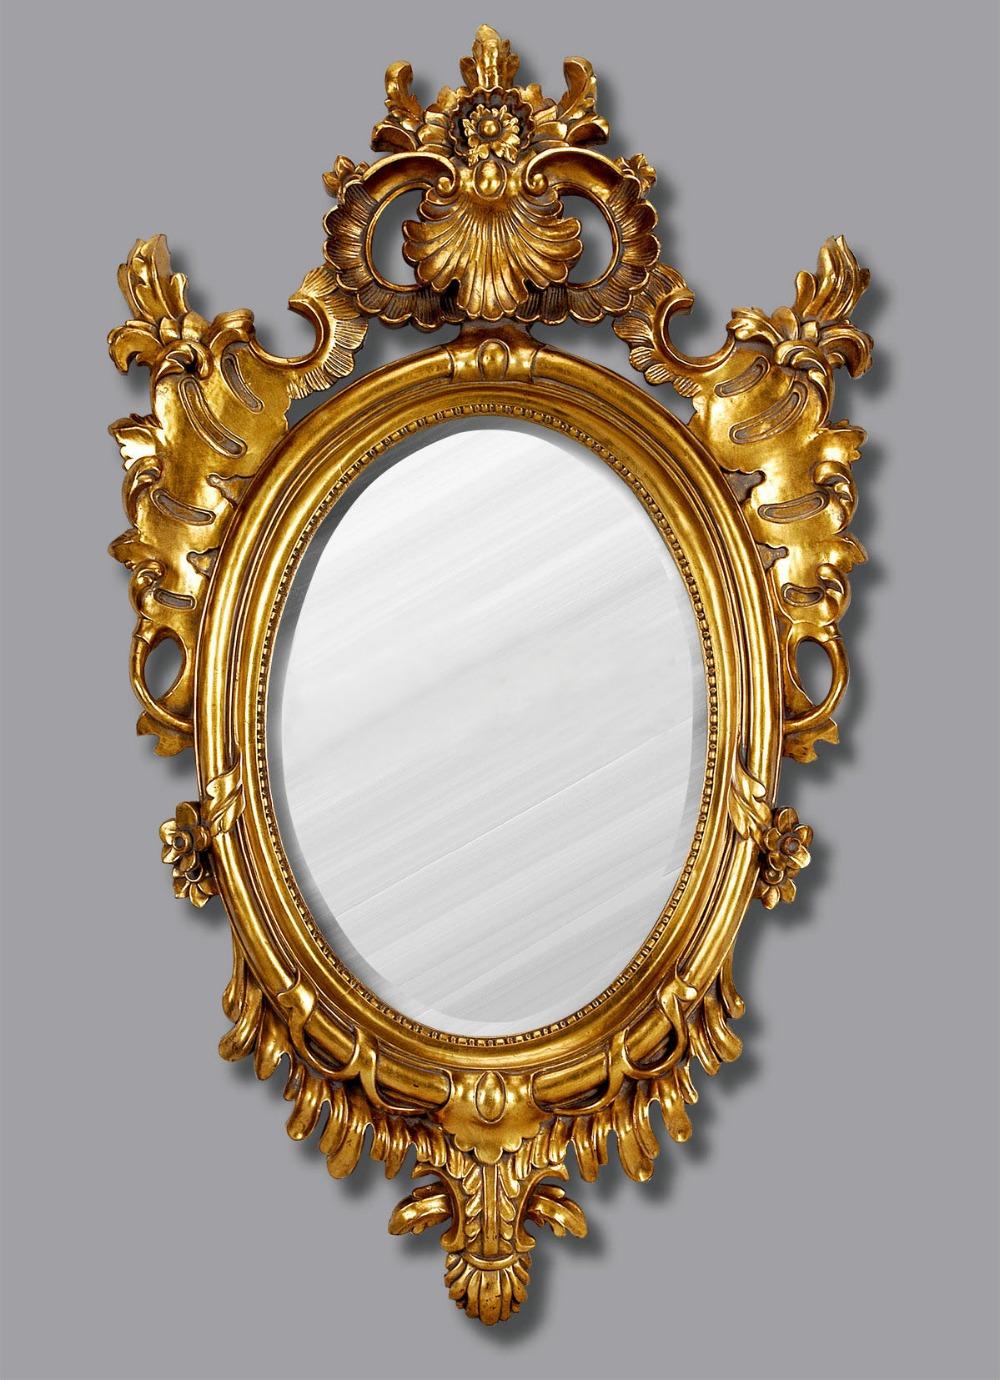 Oude Badkamer Spiegels ~ Muur Badkamer Vintage spiegel Retro Hars Klassieke Muur Spiegel